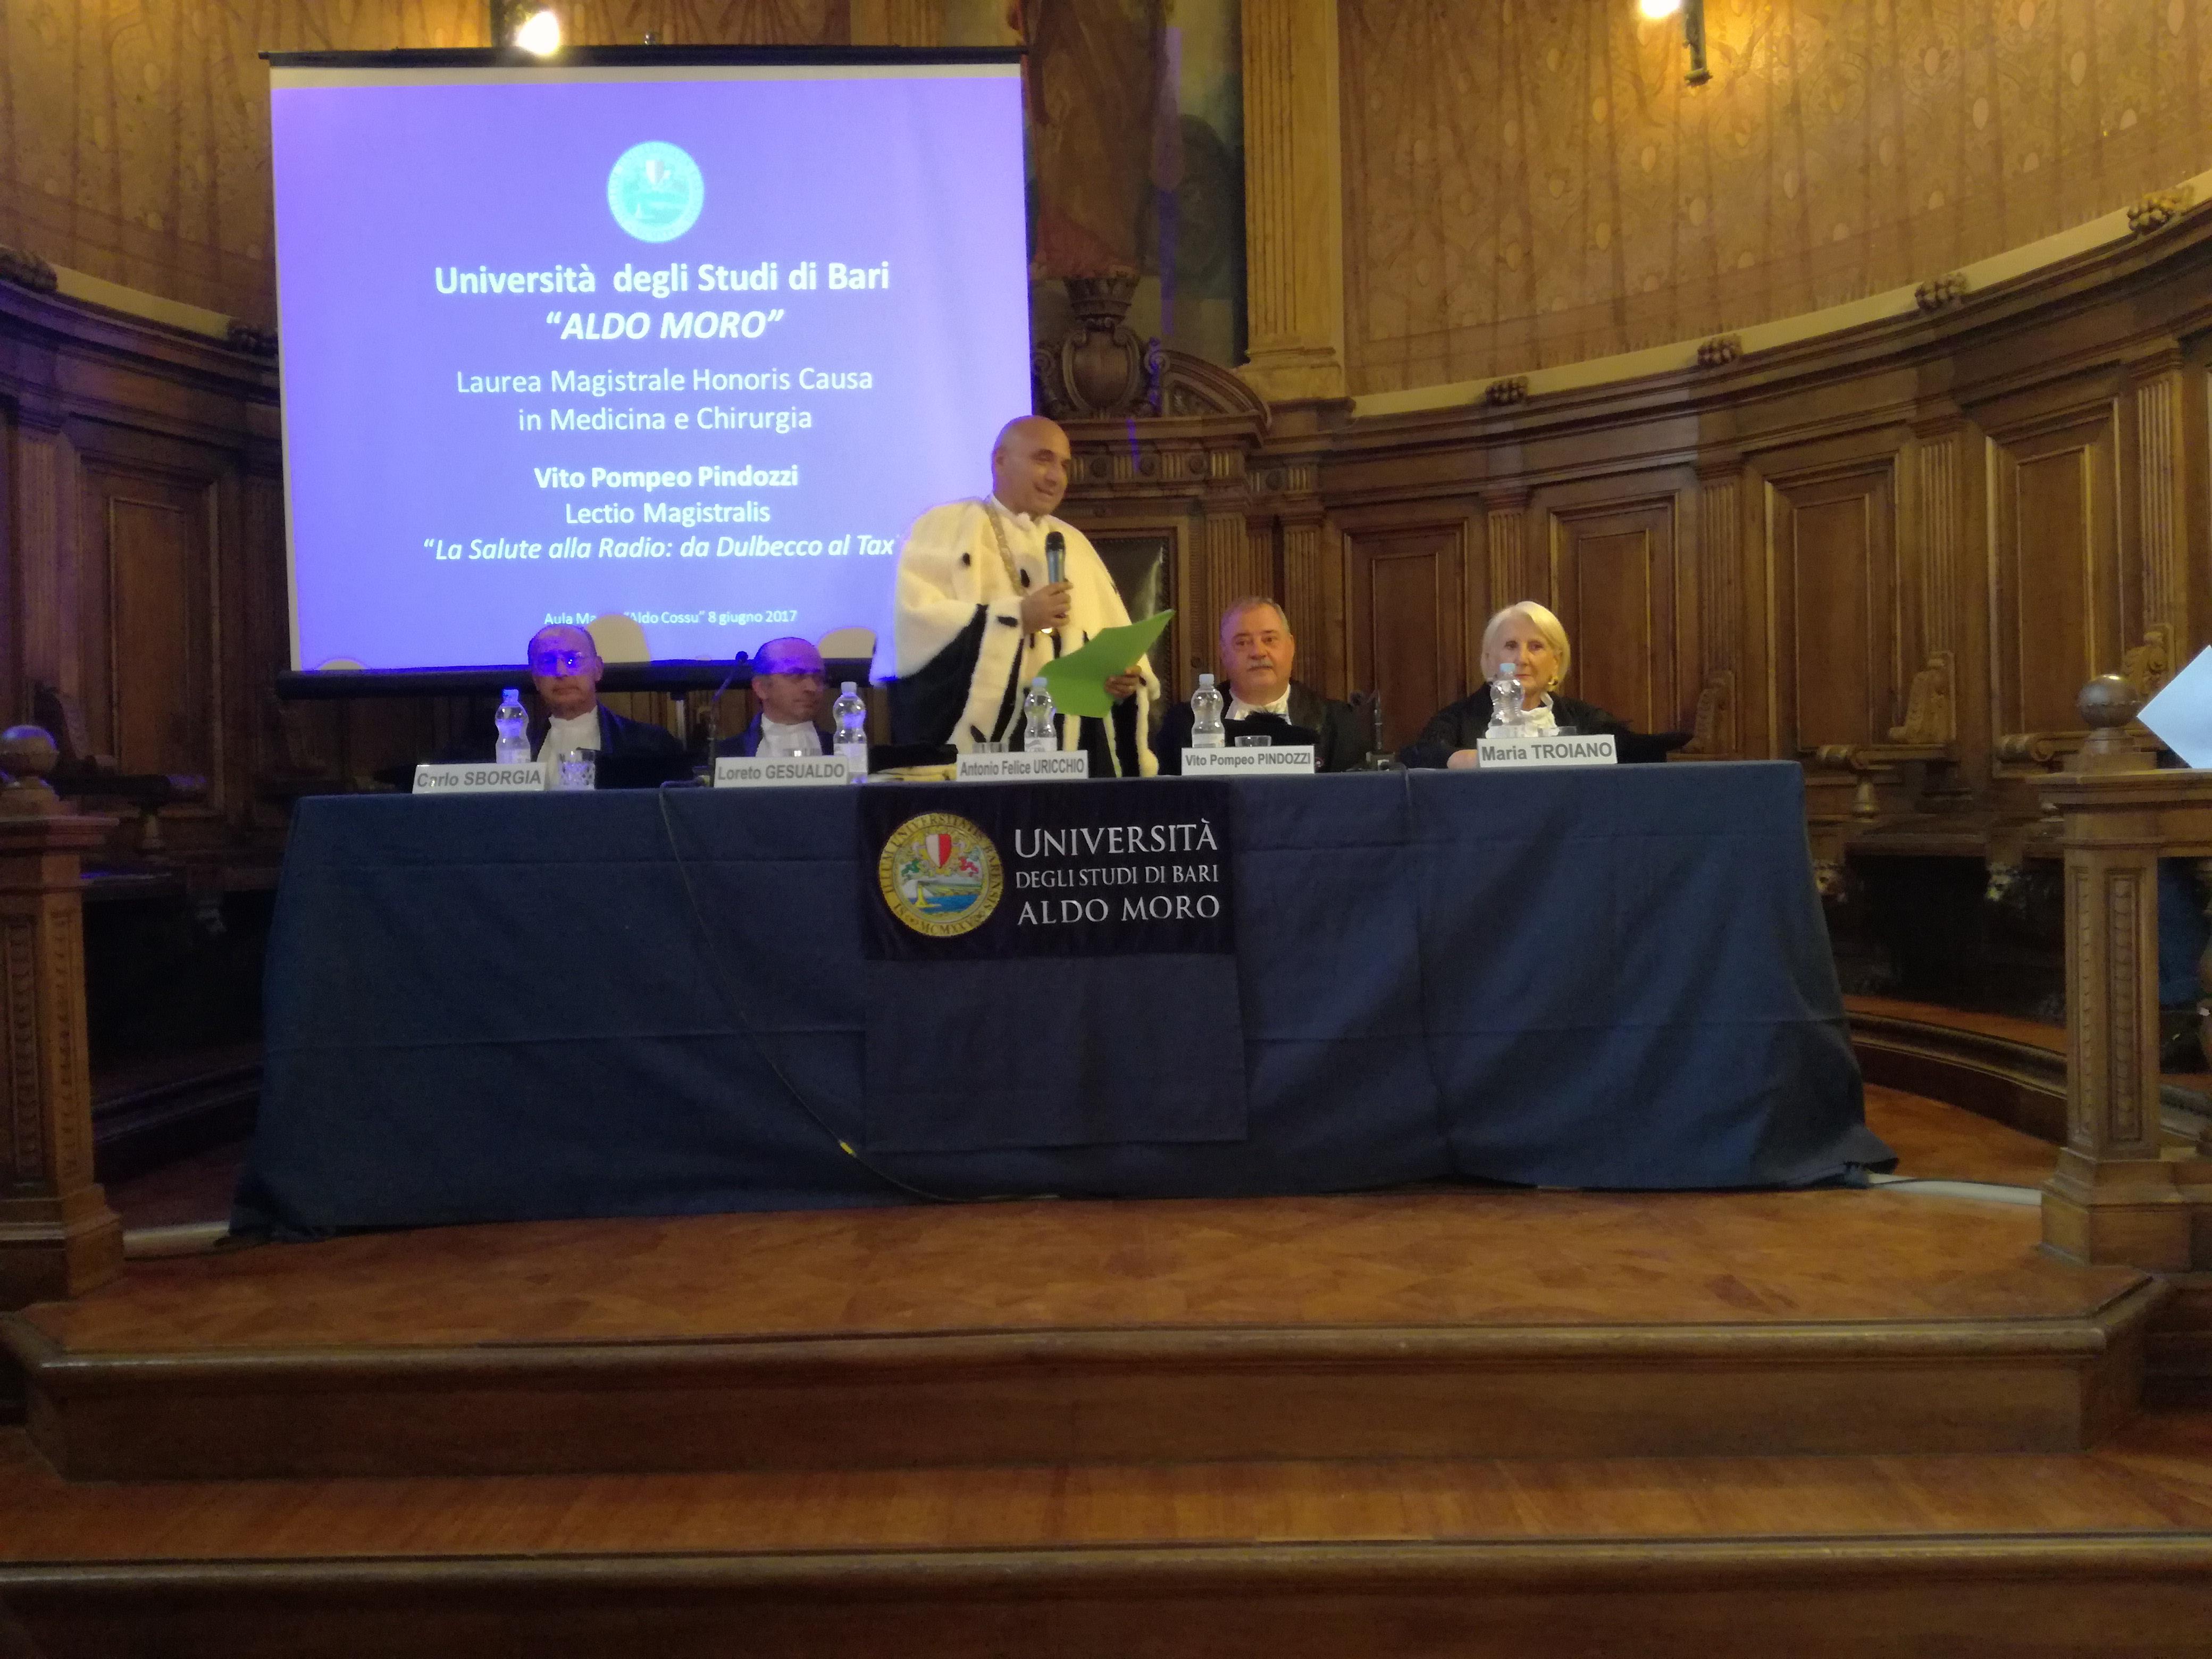 Vito-Pompeo-Pindozzi-Conferimento-Laurea-Honoris-causa-Bari-1